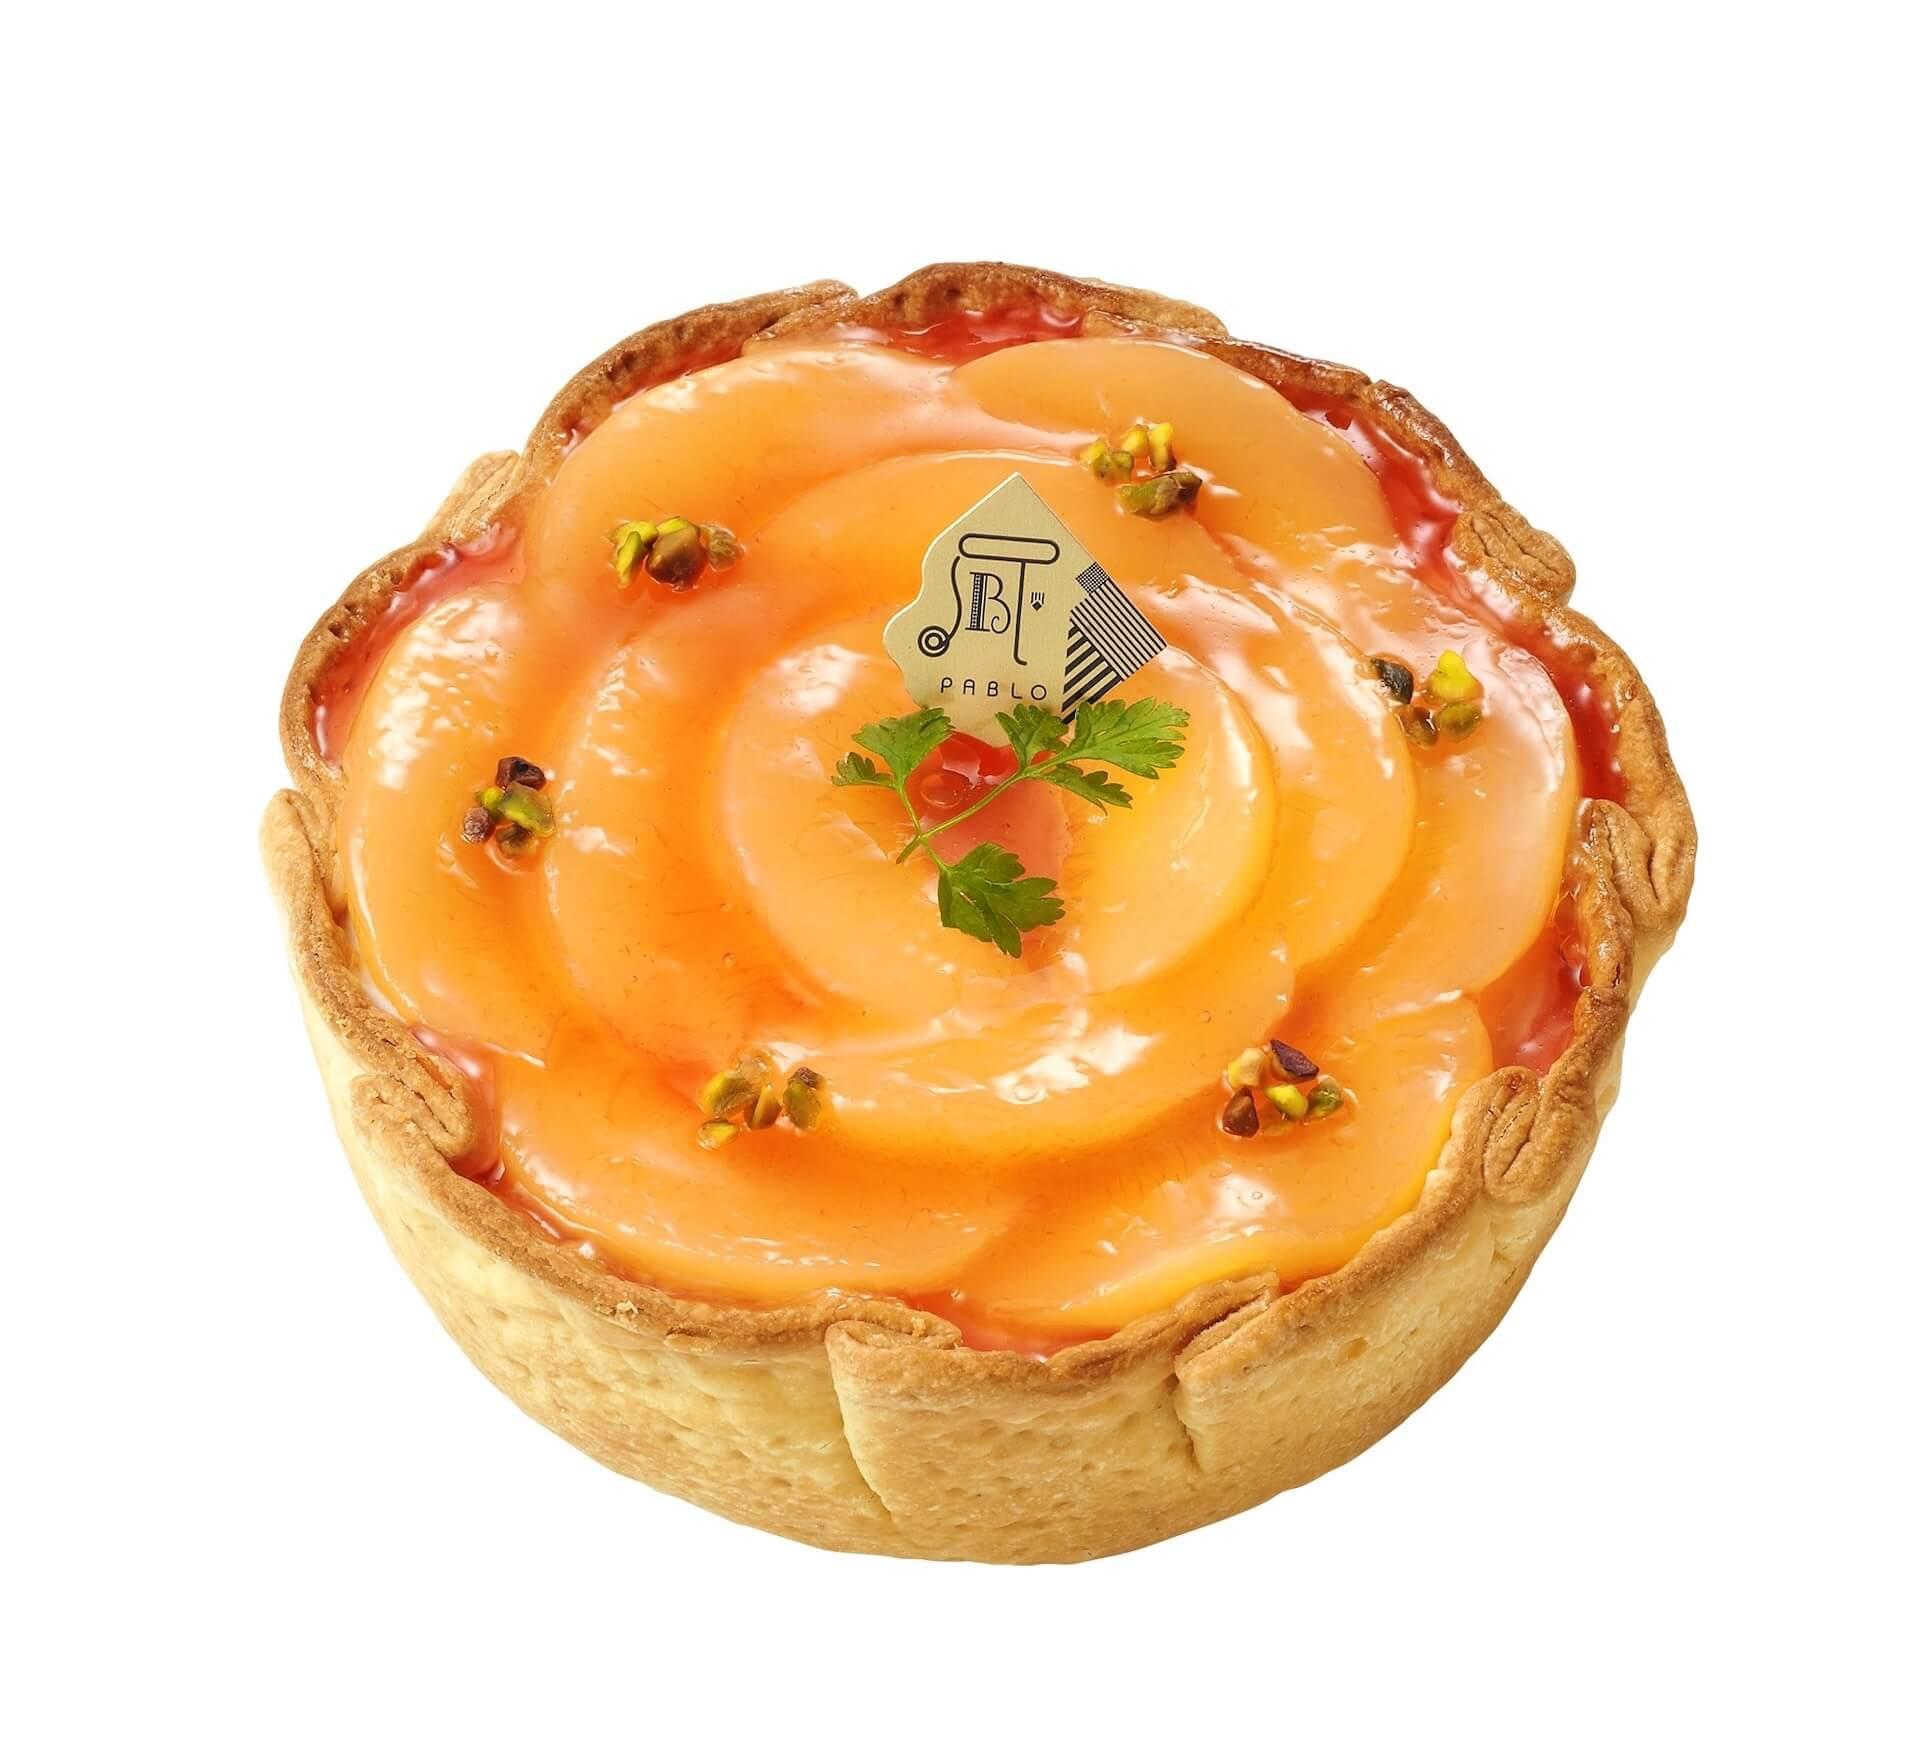 国産白桃が花びらのように敷き詰められたPABLOの新作『白桃とヨーグルトのチーズタルト』が1カ月限定で登場 gourmet_pablo_peachyogurt_03